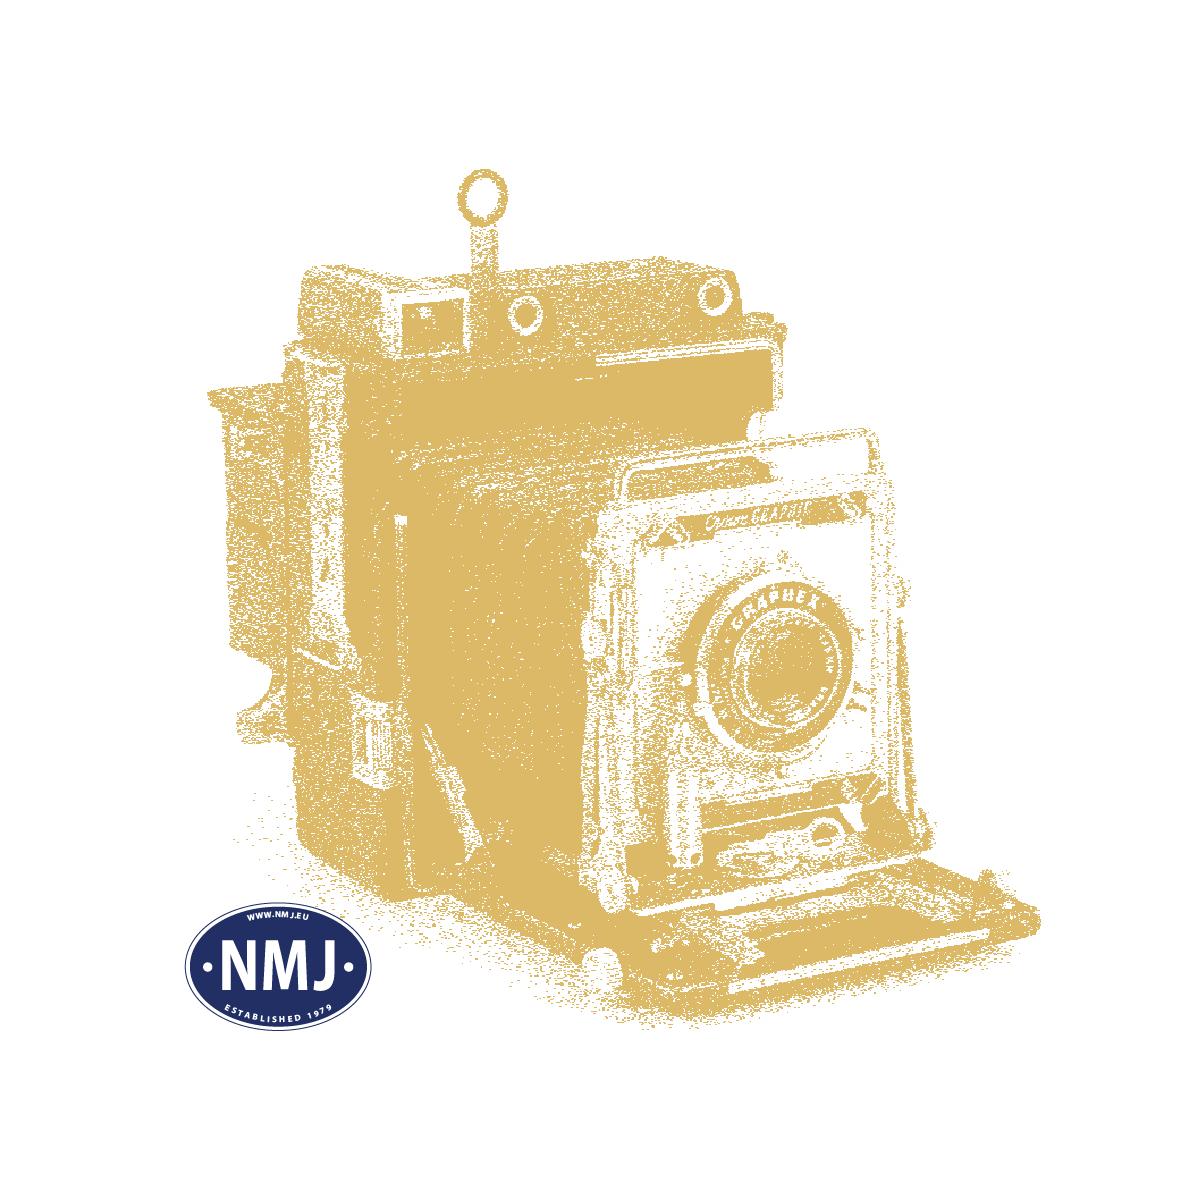 NMJT113.301 - NMJ Topline NSB CB1 21218, Salongvogn, Nydesign